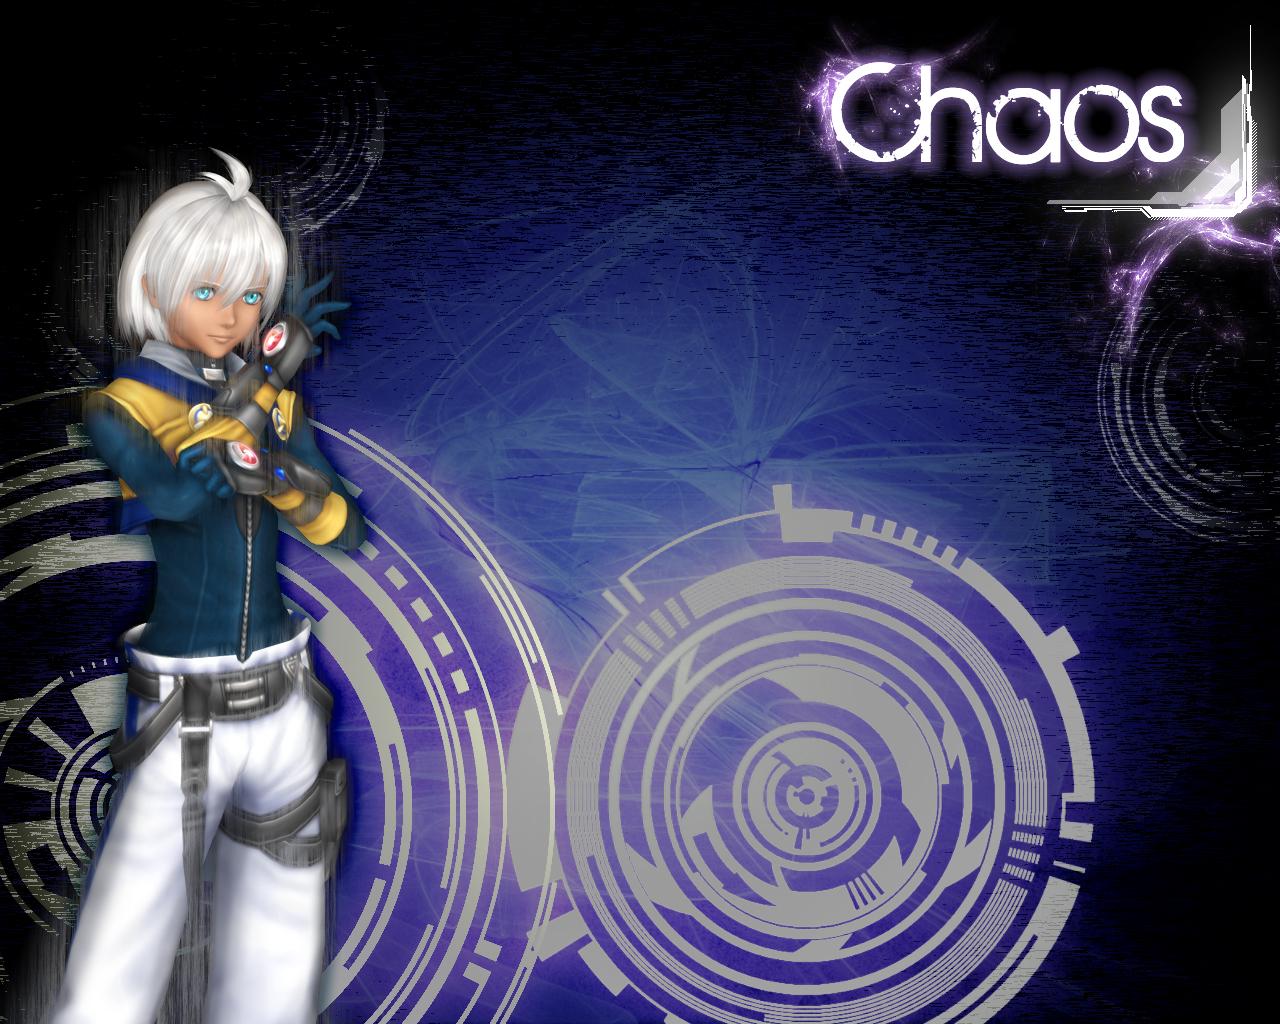 Xenosaga Chaos